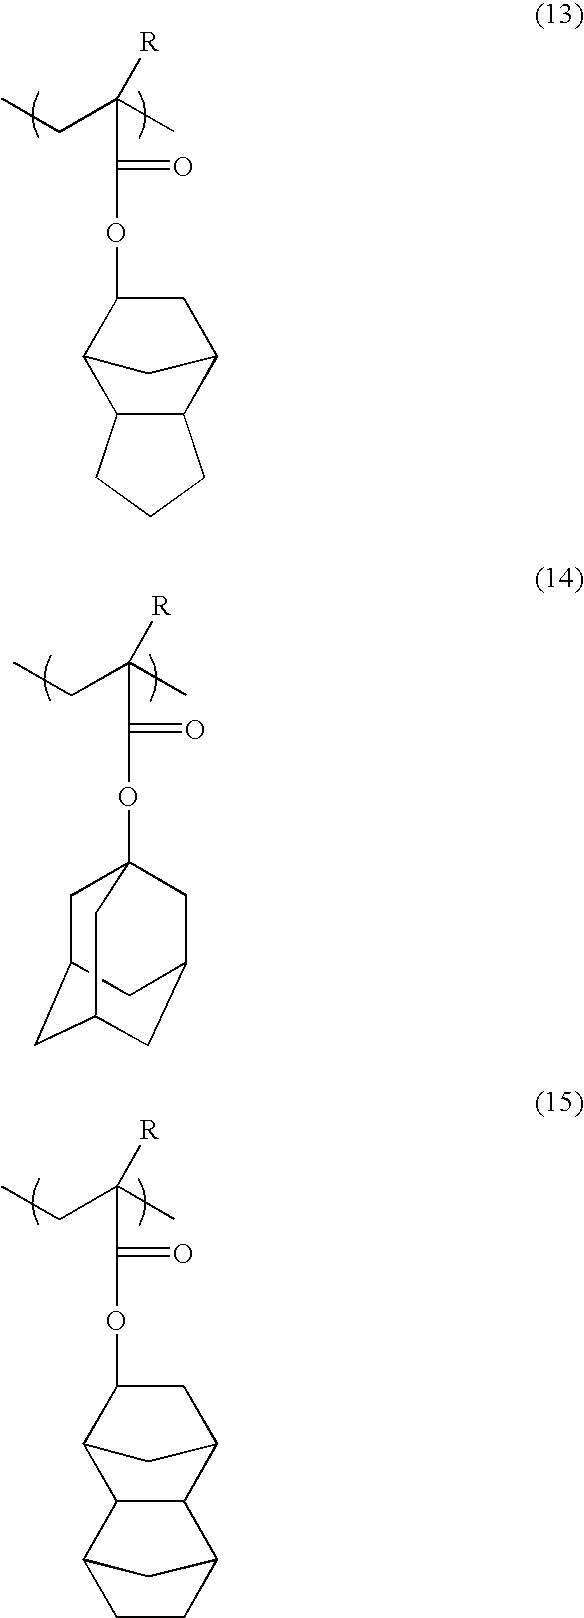 Figure US20060154188A1-20060713-C00006